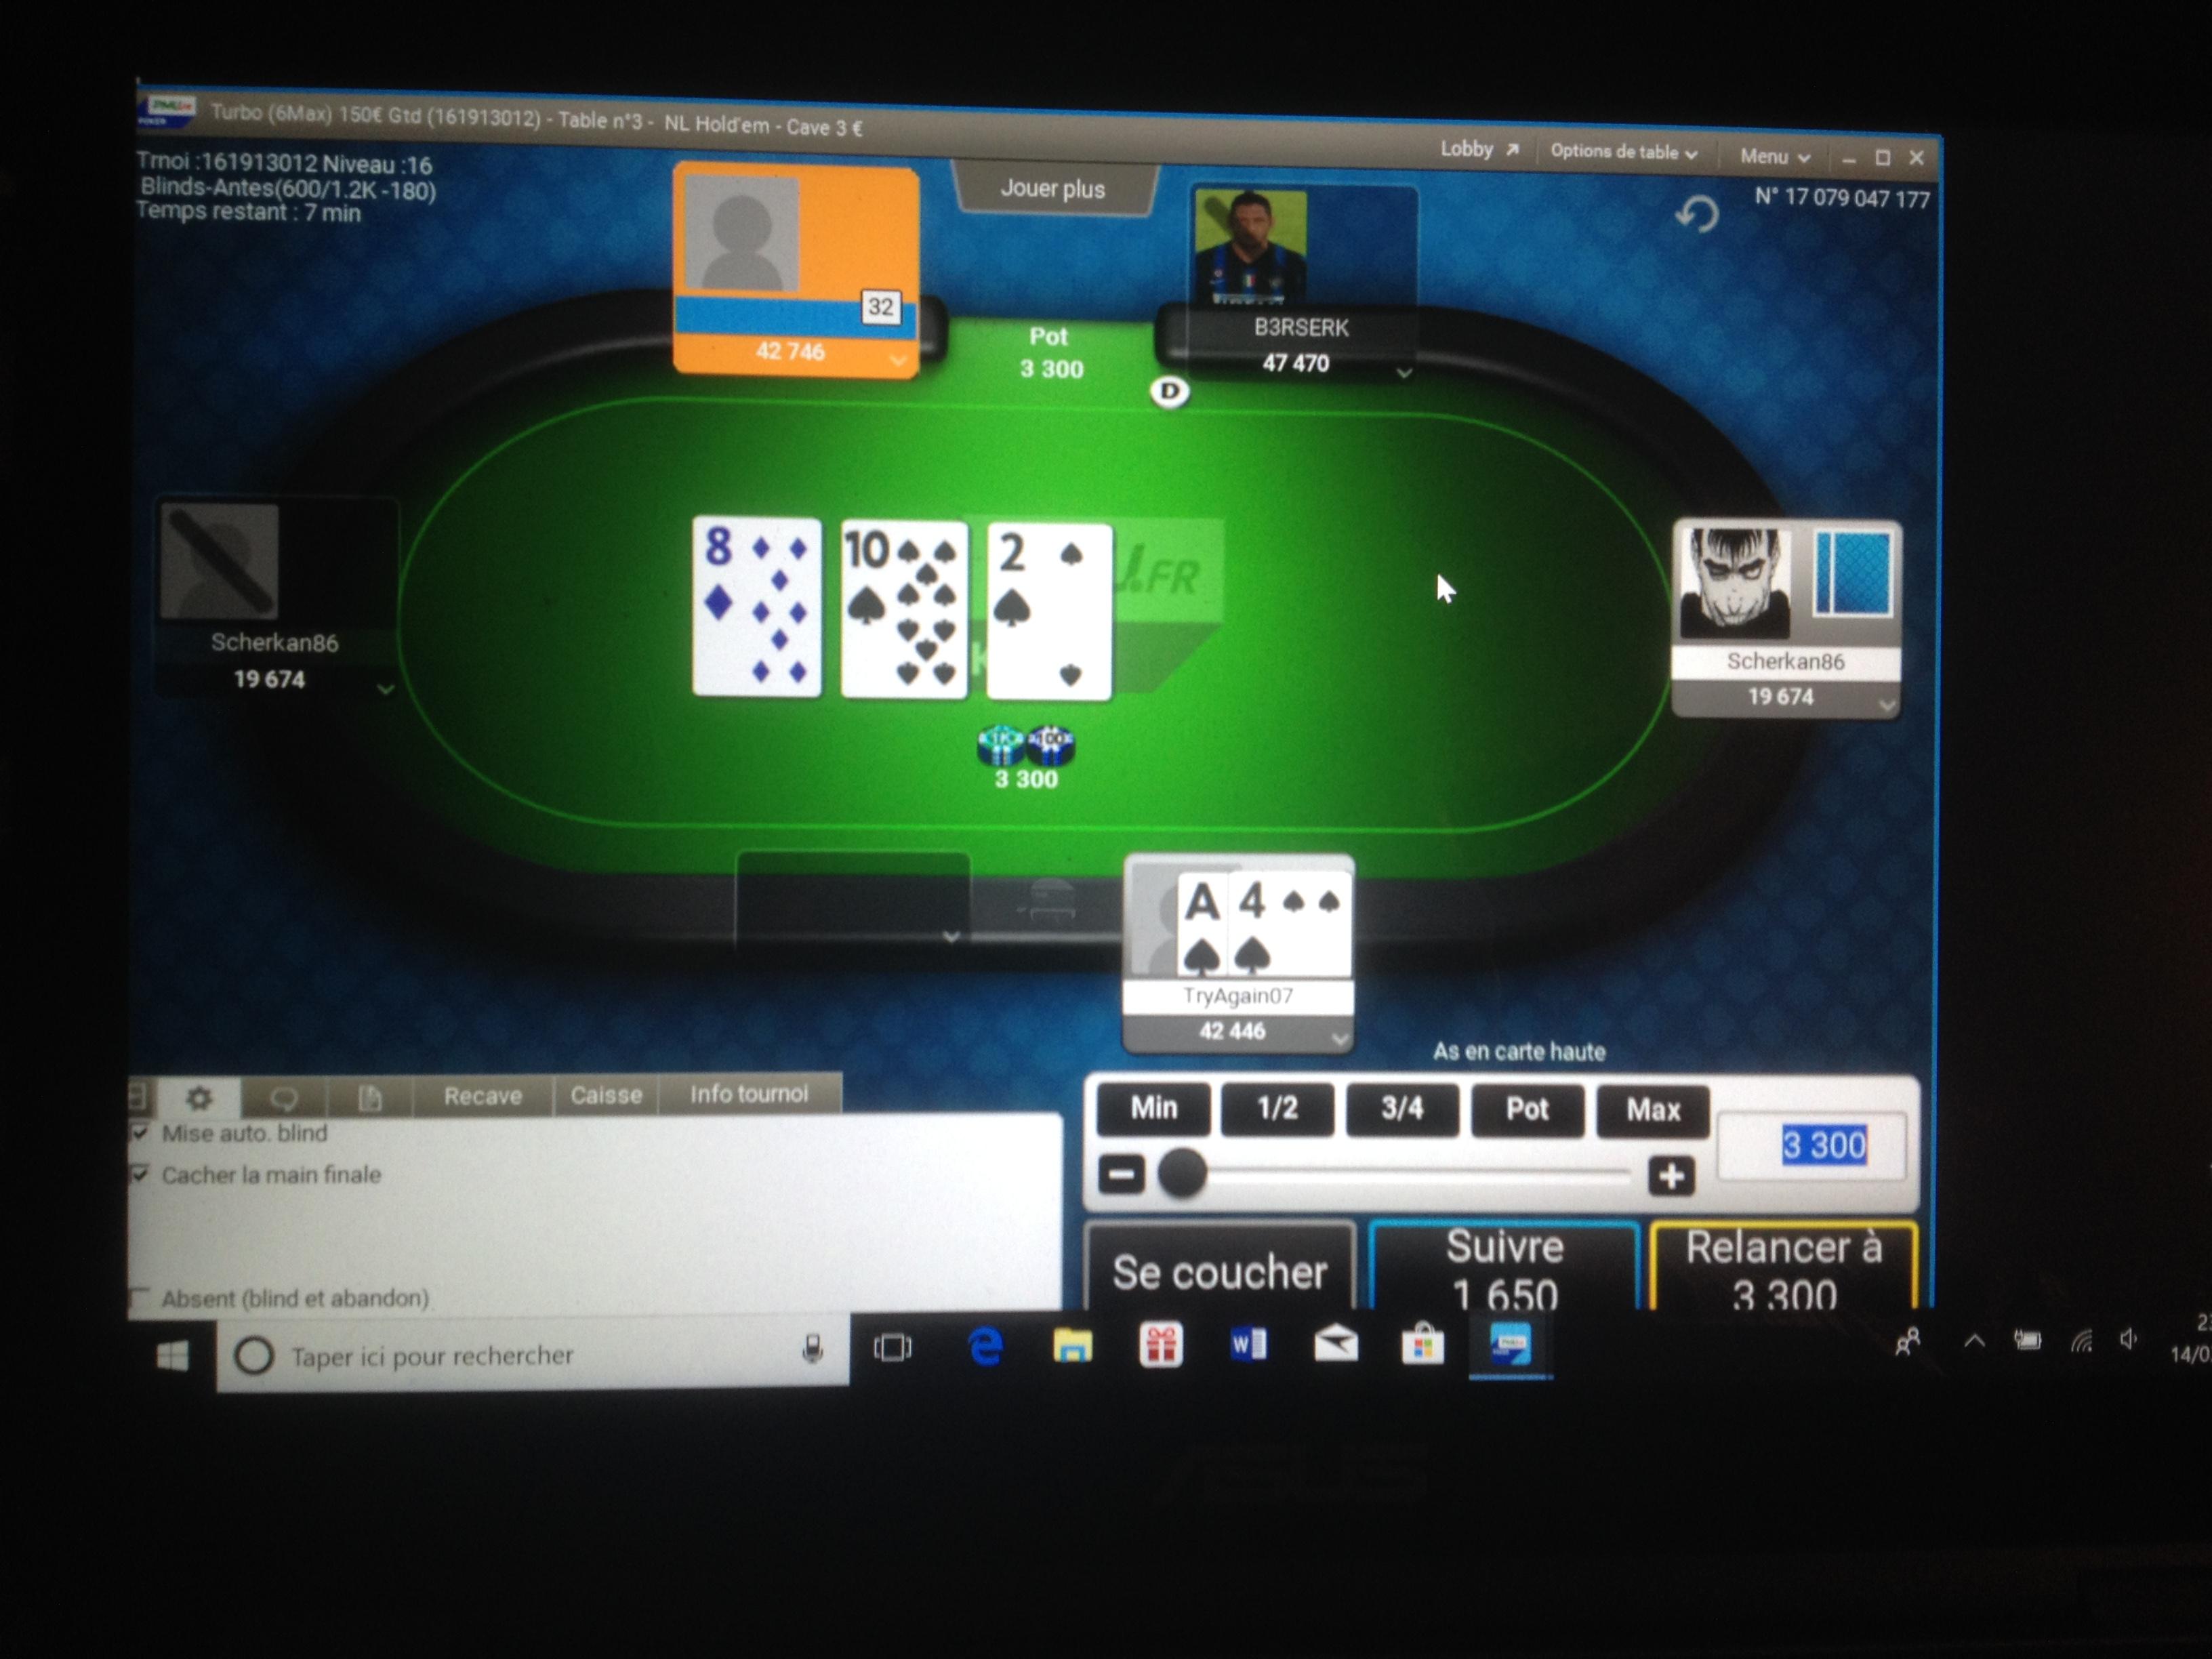 Probleme transfert pmu poker gibson casino review